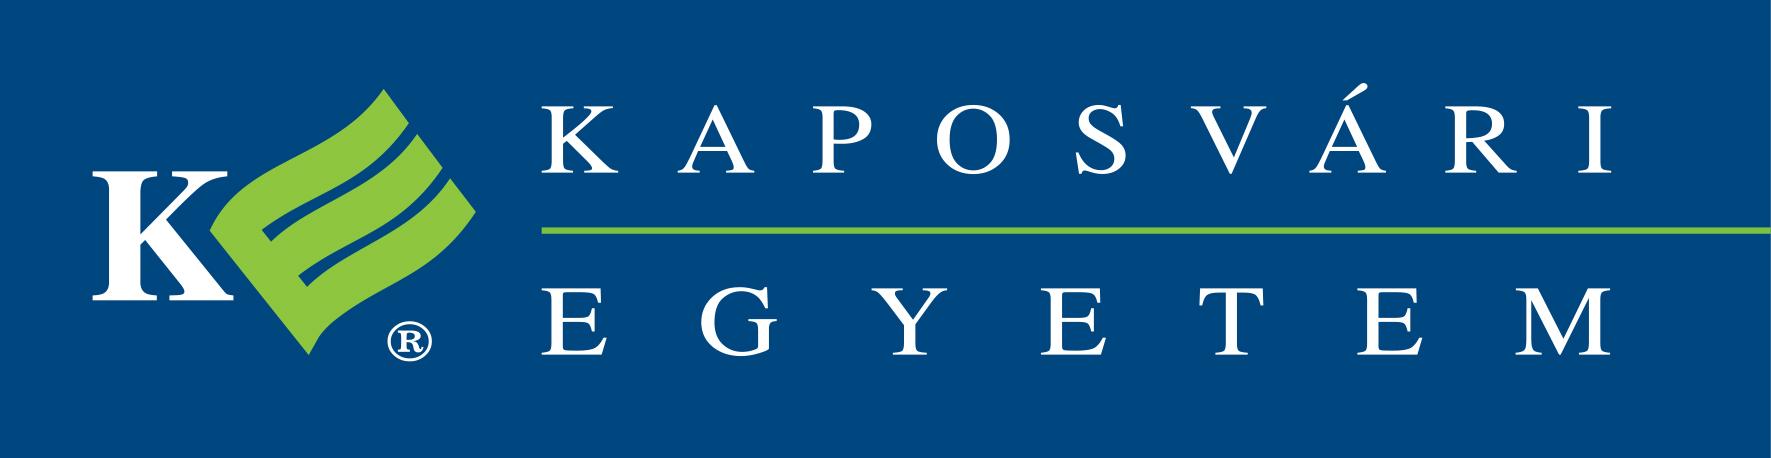 Kaposvári Egyetem